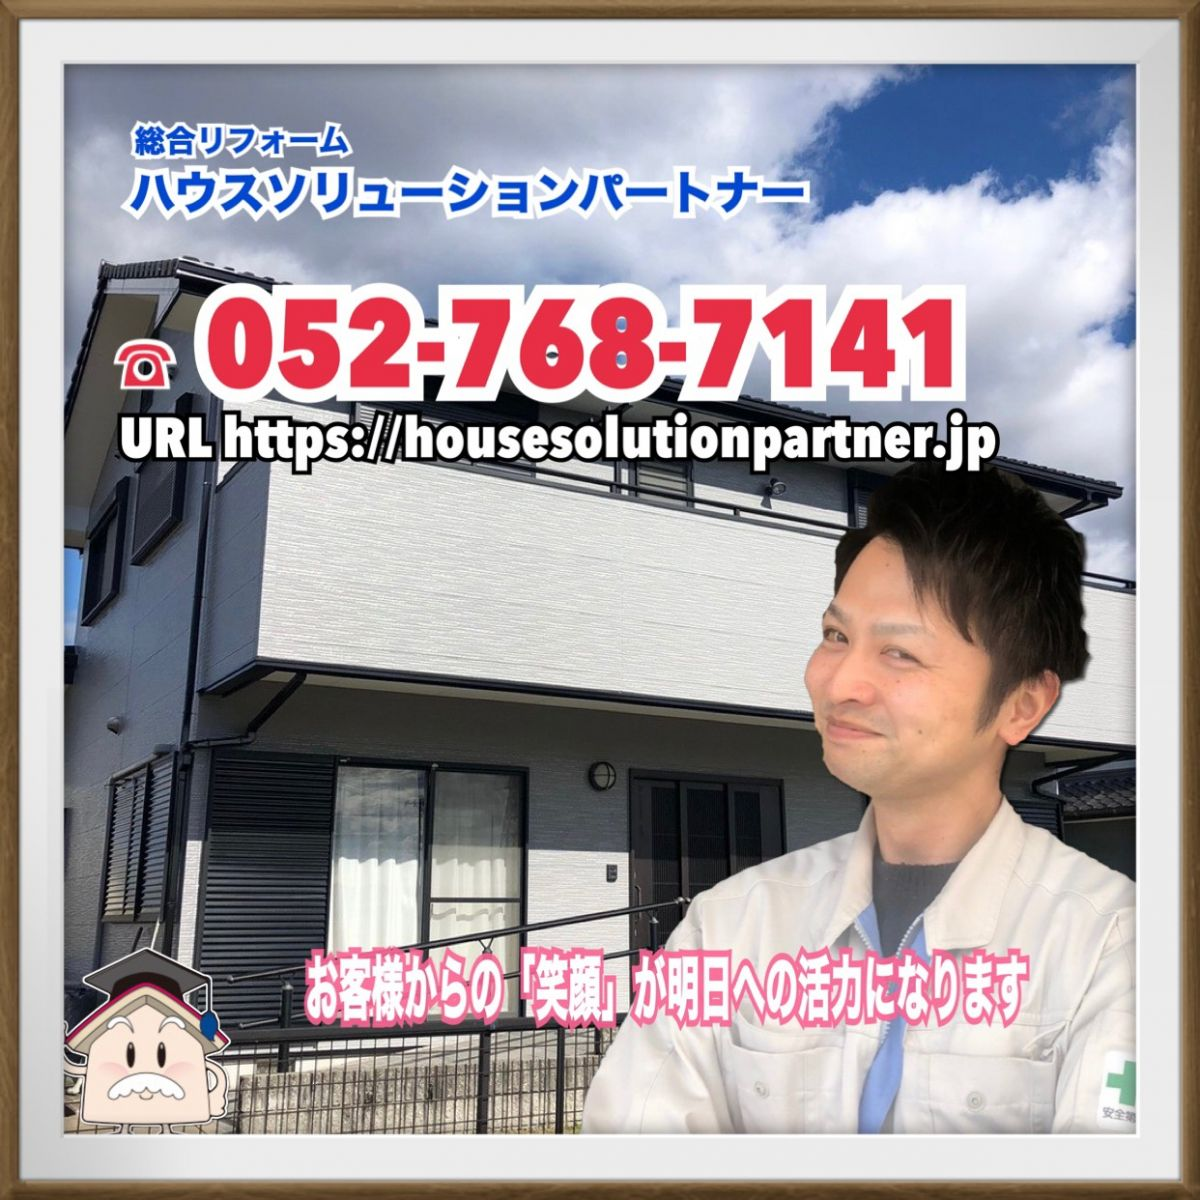 jirei_image53065